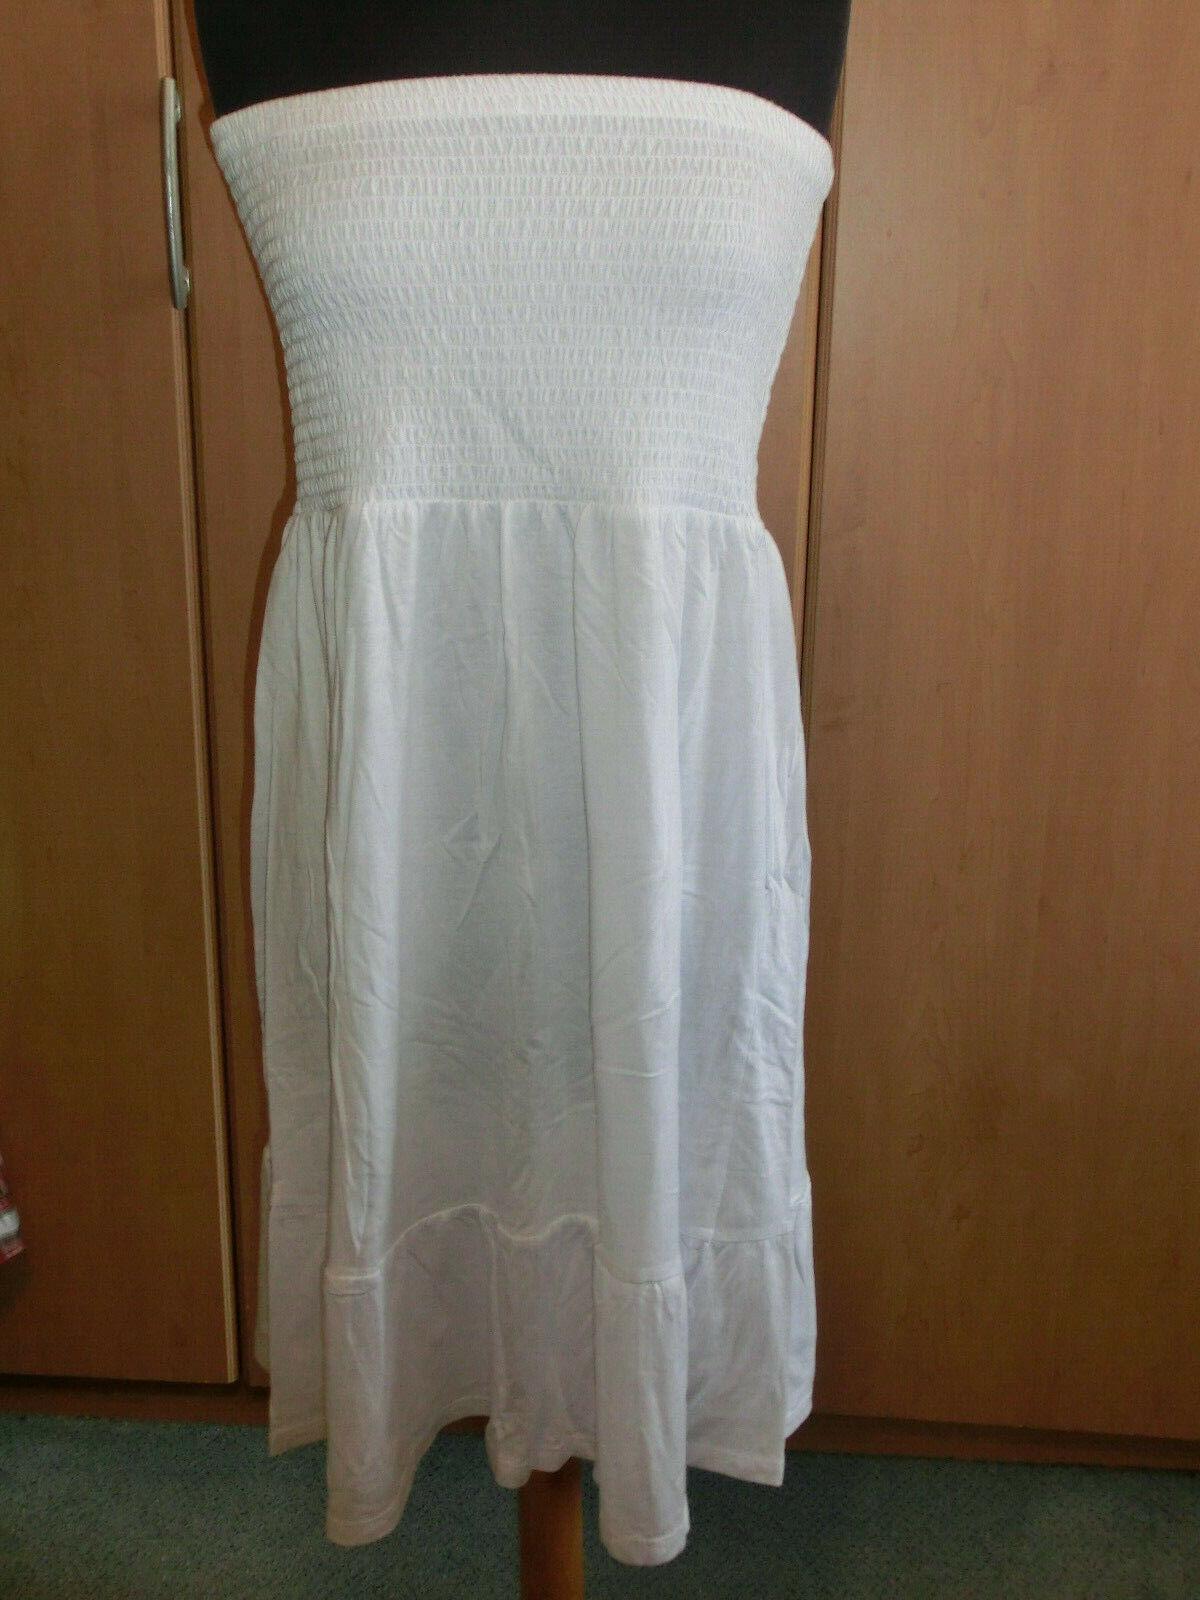 2-in-1 Shirt-Skirt Maxi Skirt minikkleid White Gesmokt Size M 40 42 * NEW